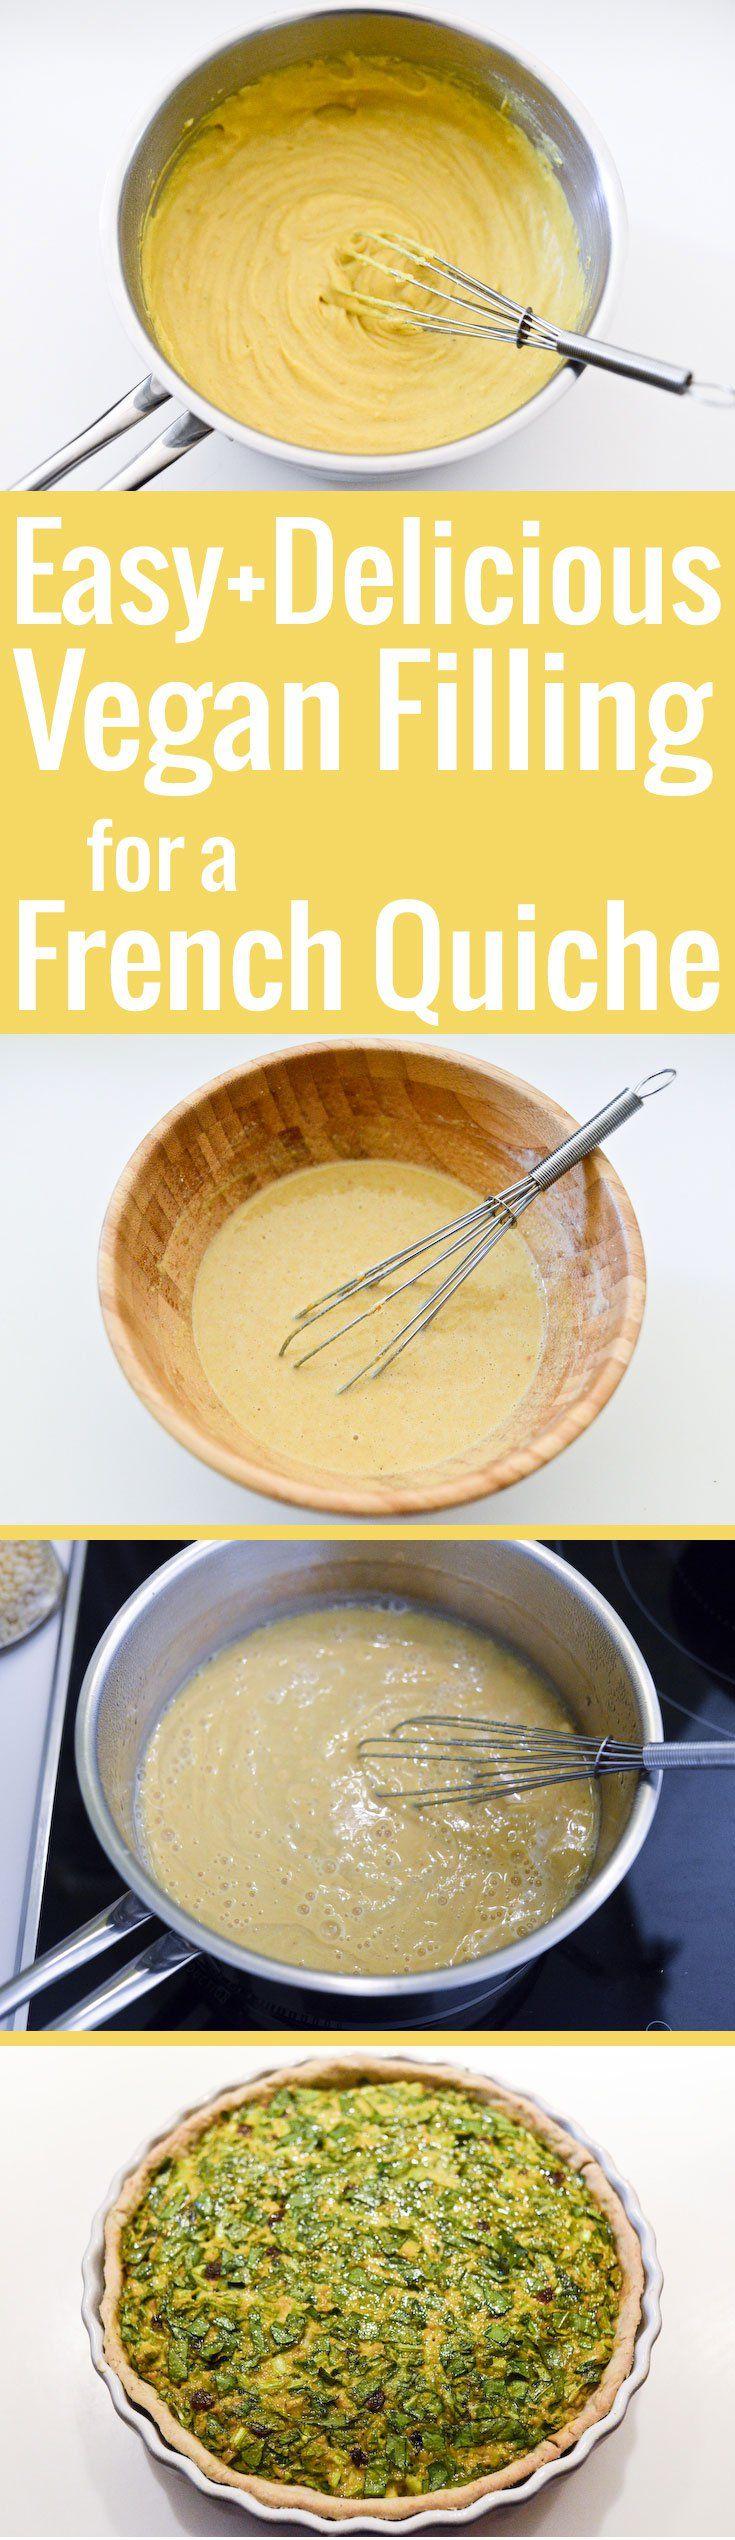 Une recette facile et délicieuse pour préparer un appareil à quiche vegan à base de farine de pois chiche.